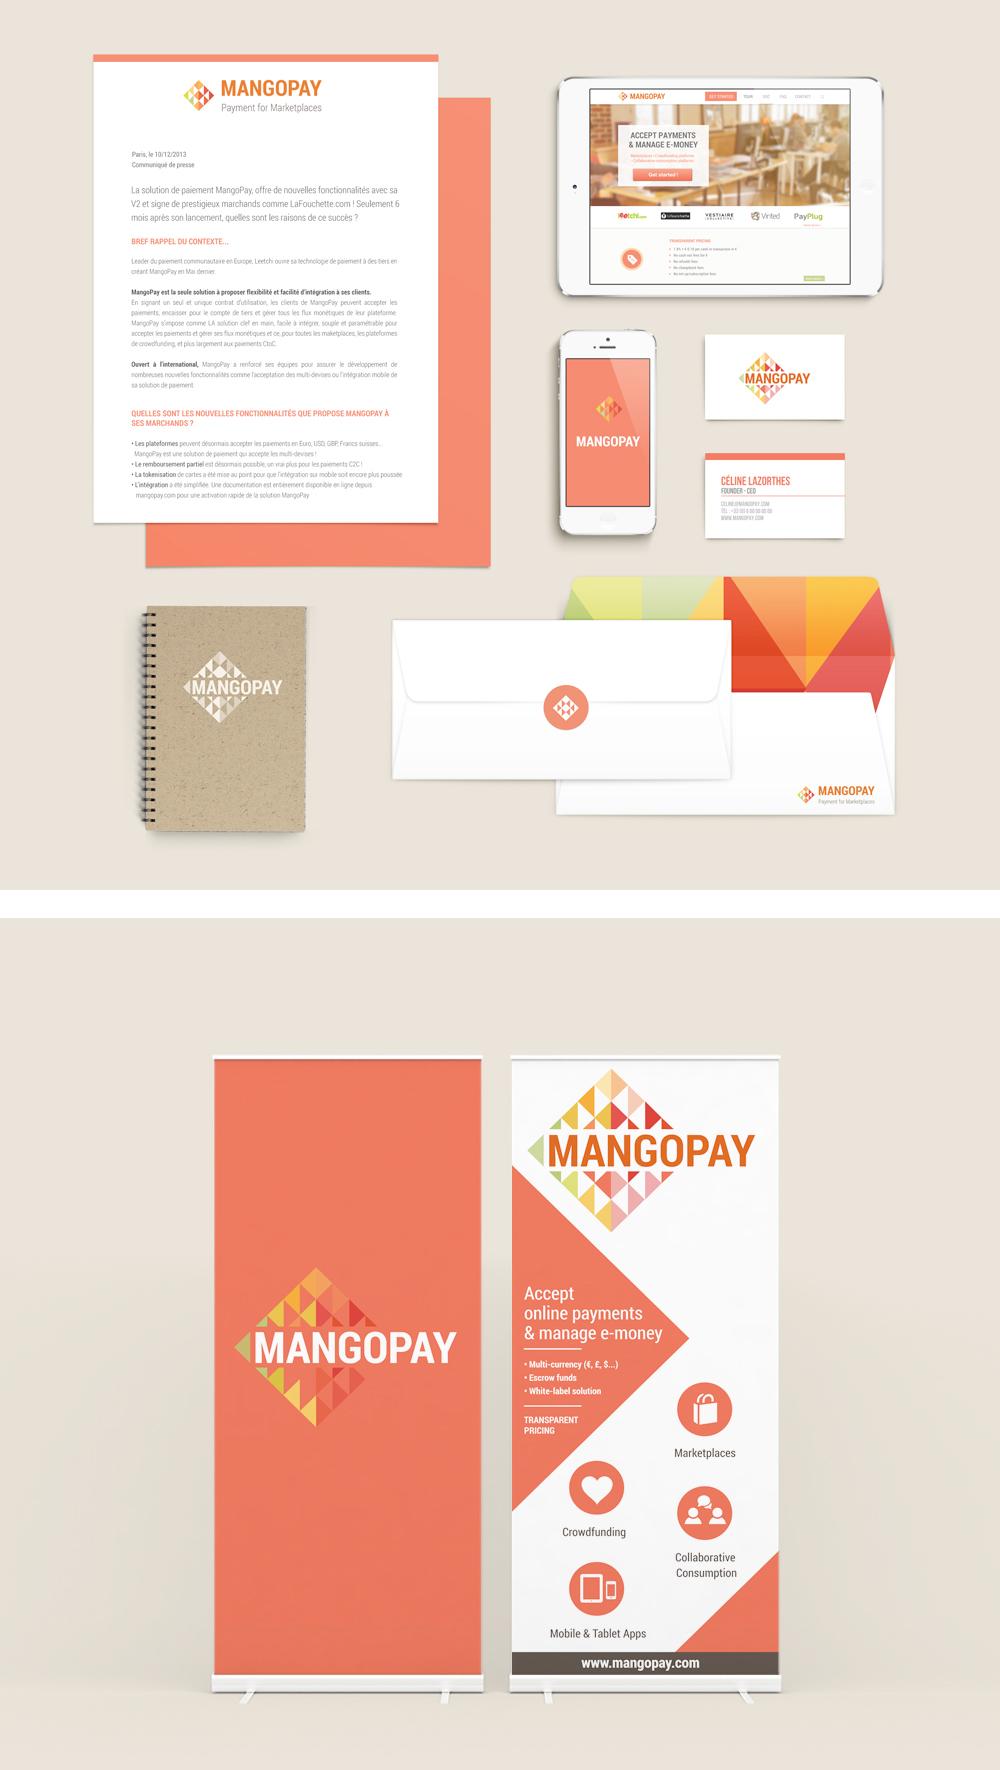 branding_mangopay_yagoda-stecki